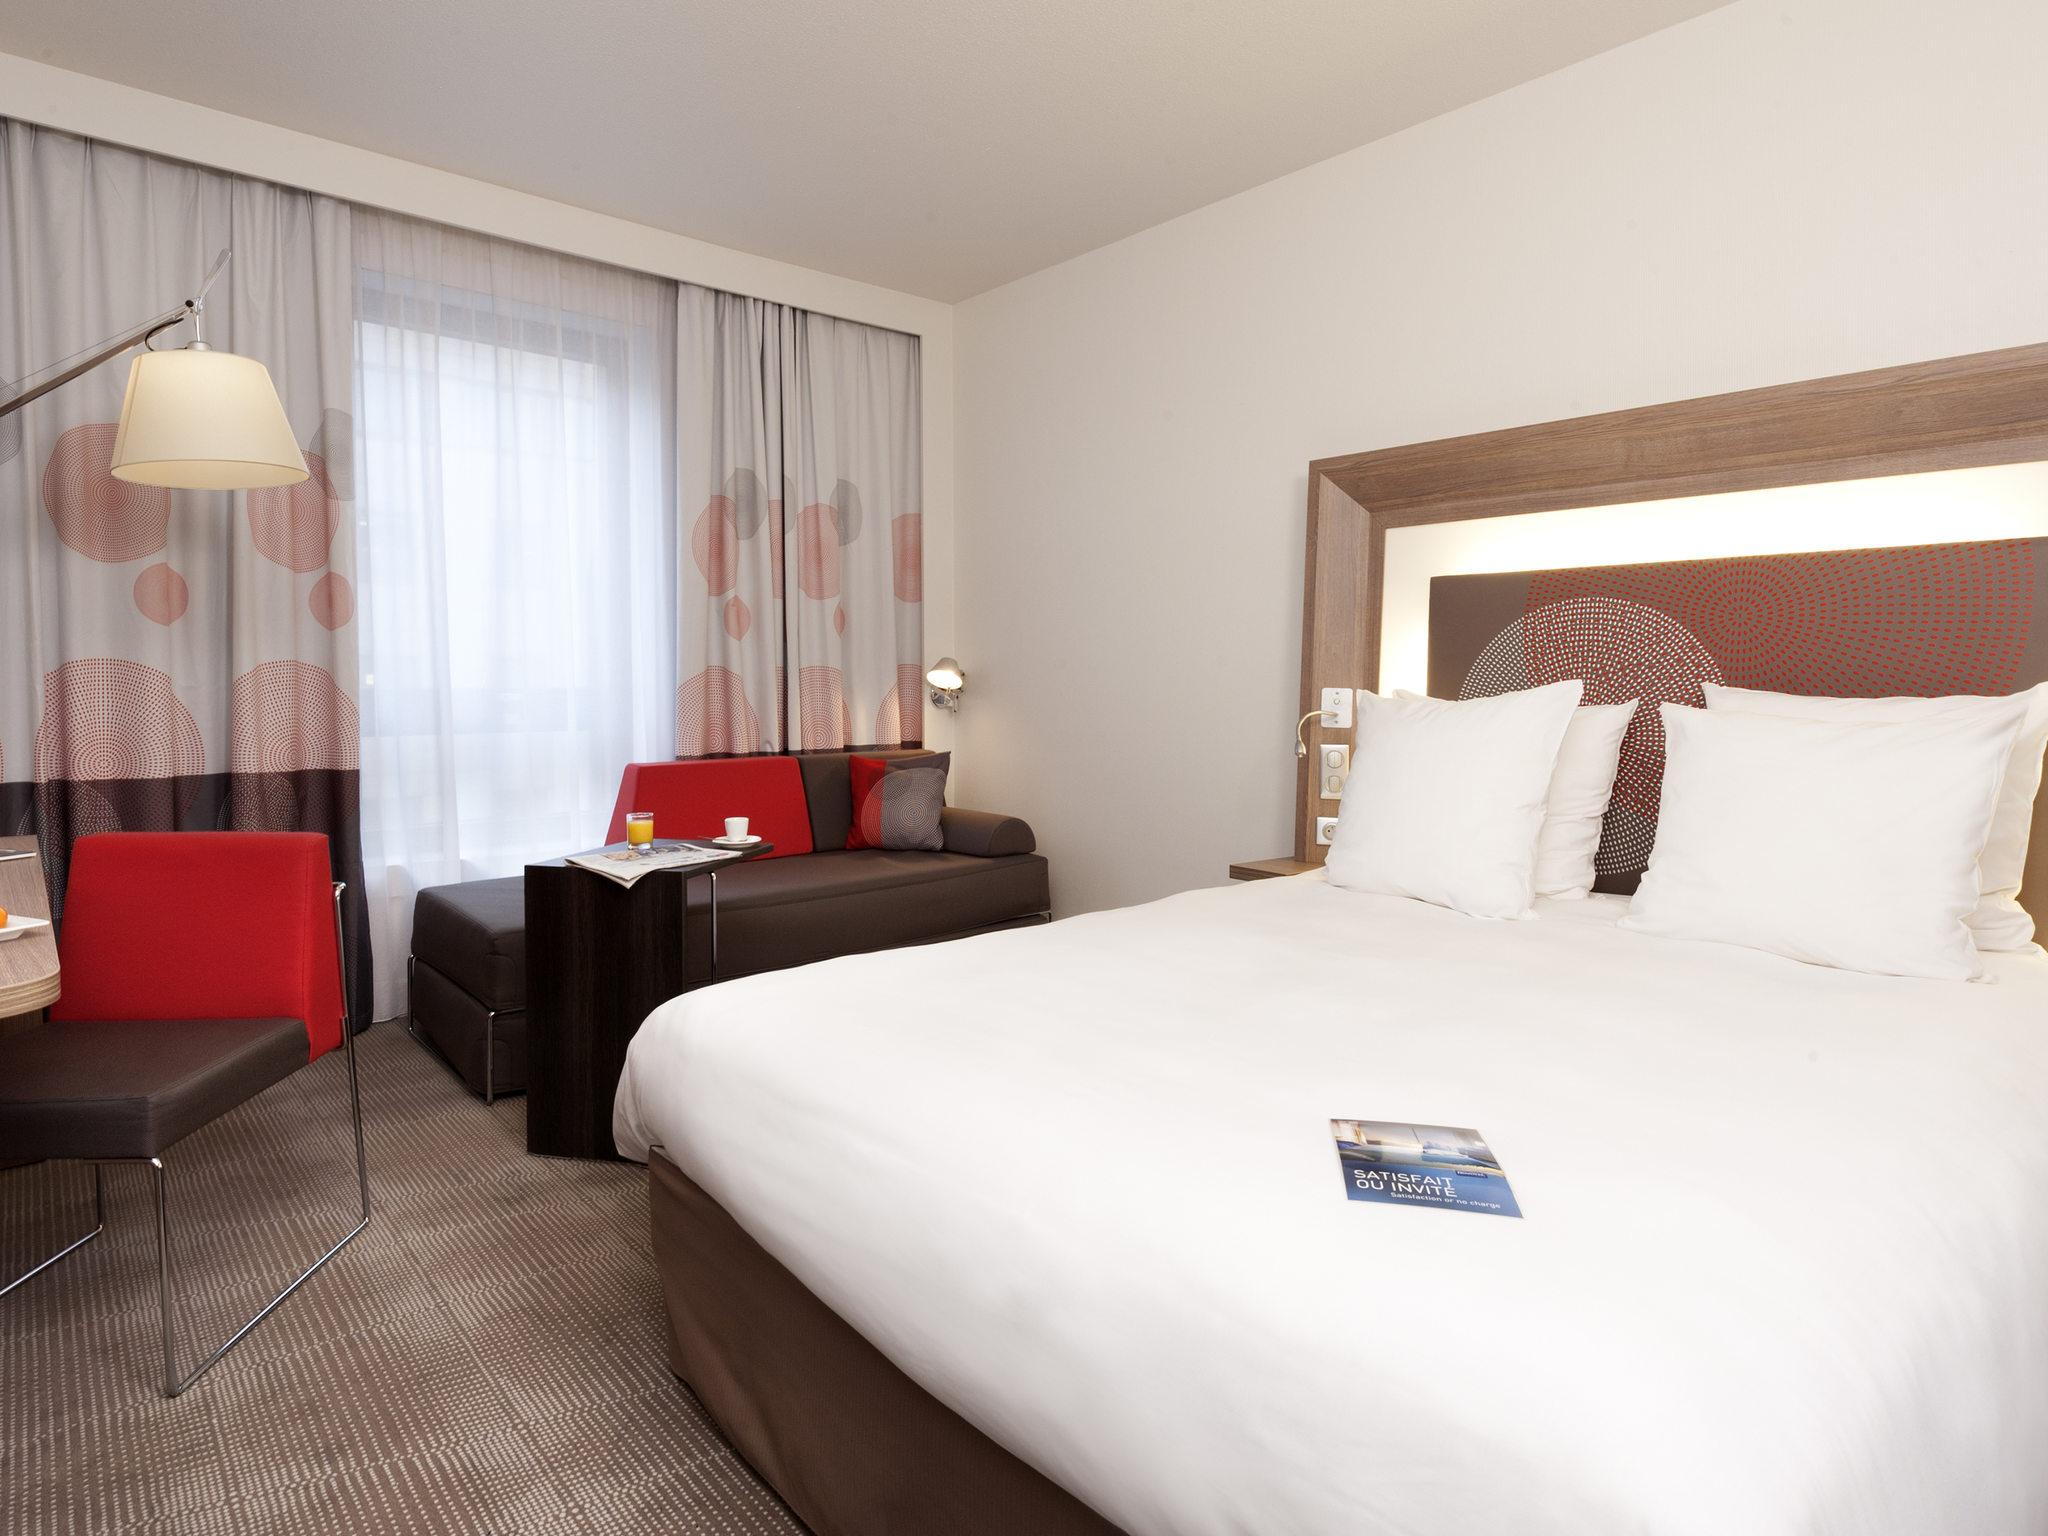 Hotel – Novotel París Rueil Malmaison